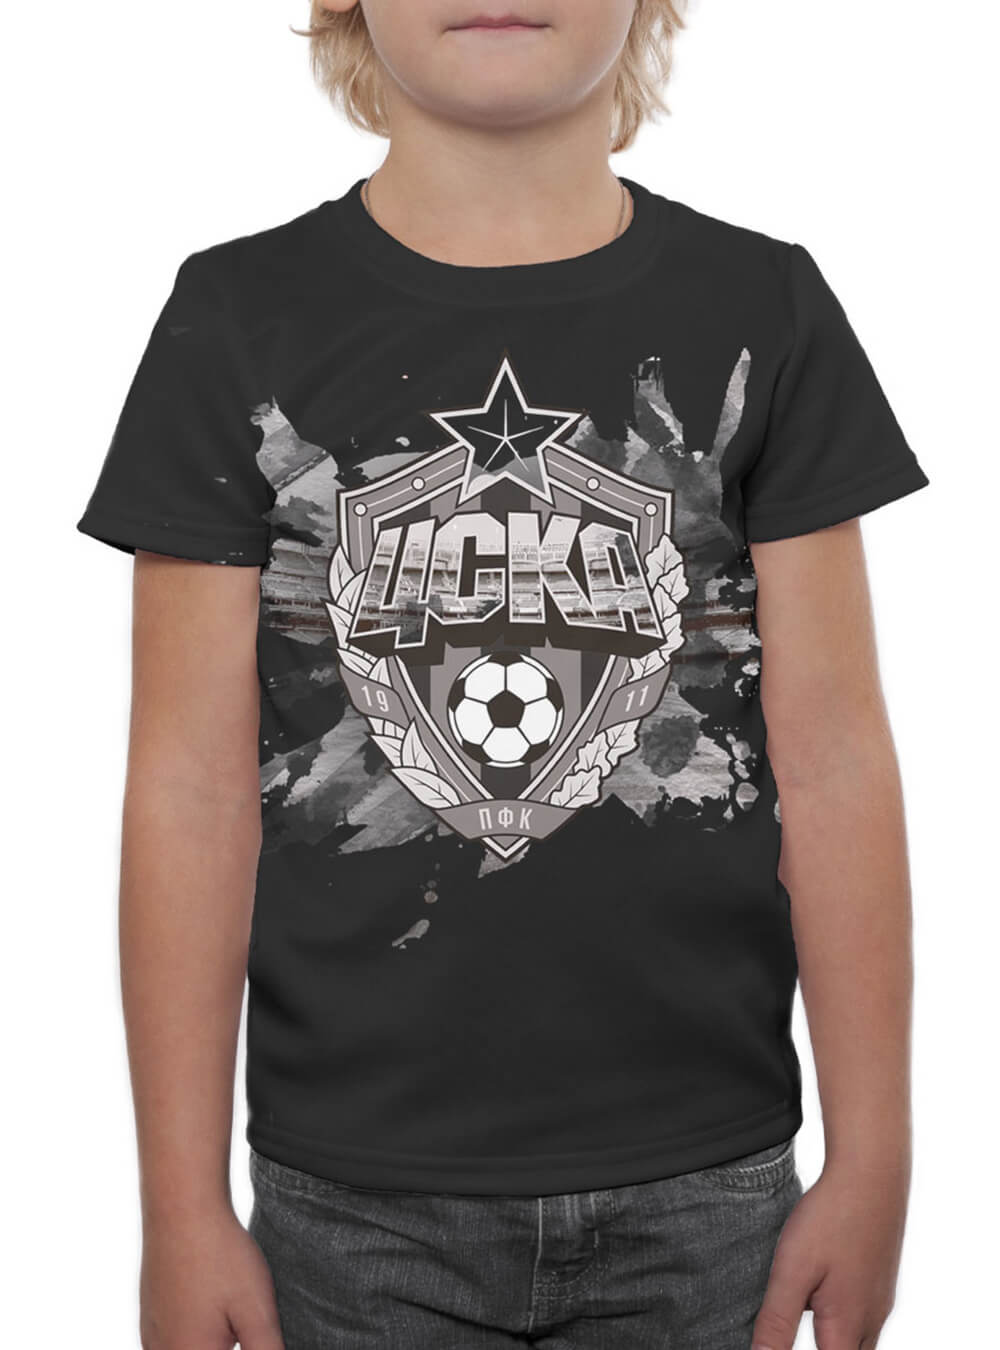 Купить Футболка детская «Эмблема», цвет чёрный (122) по Нижнему Новгороду